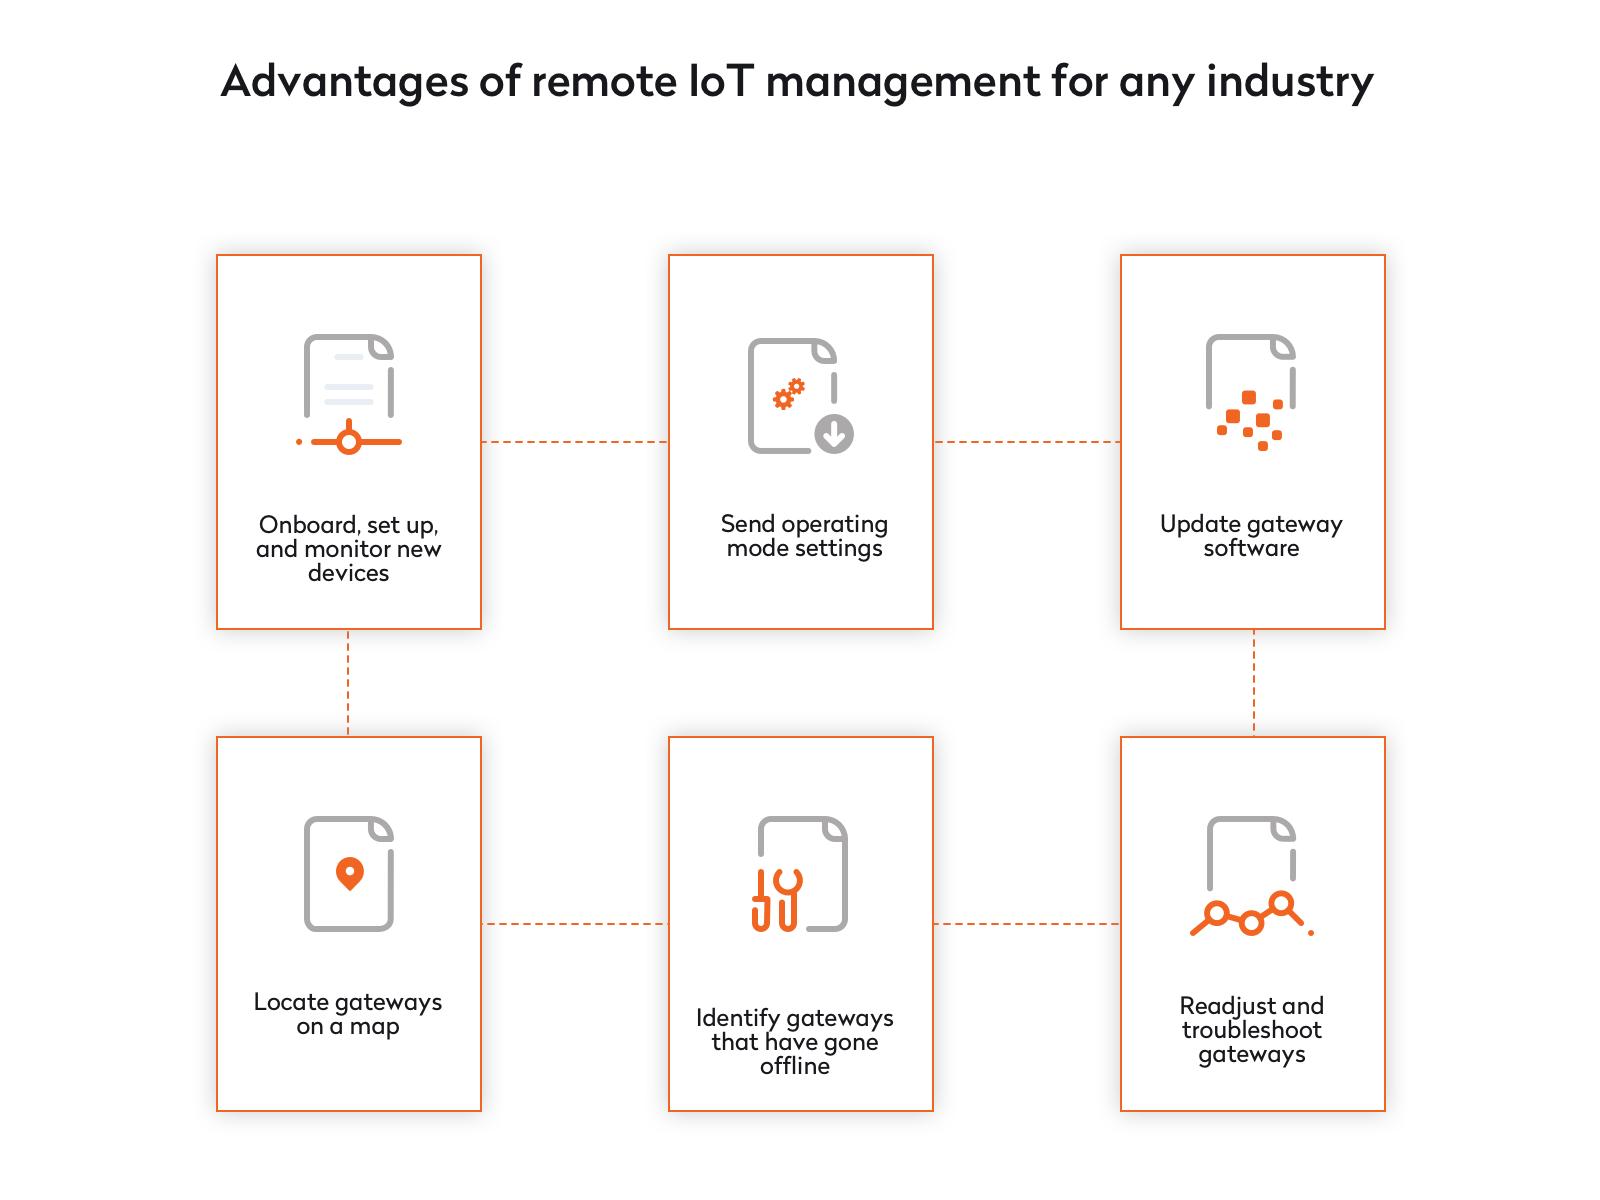 advantages of remote iot management